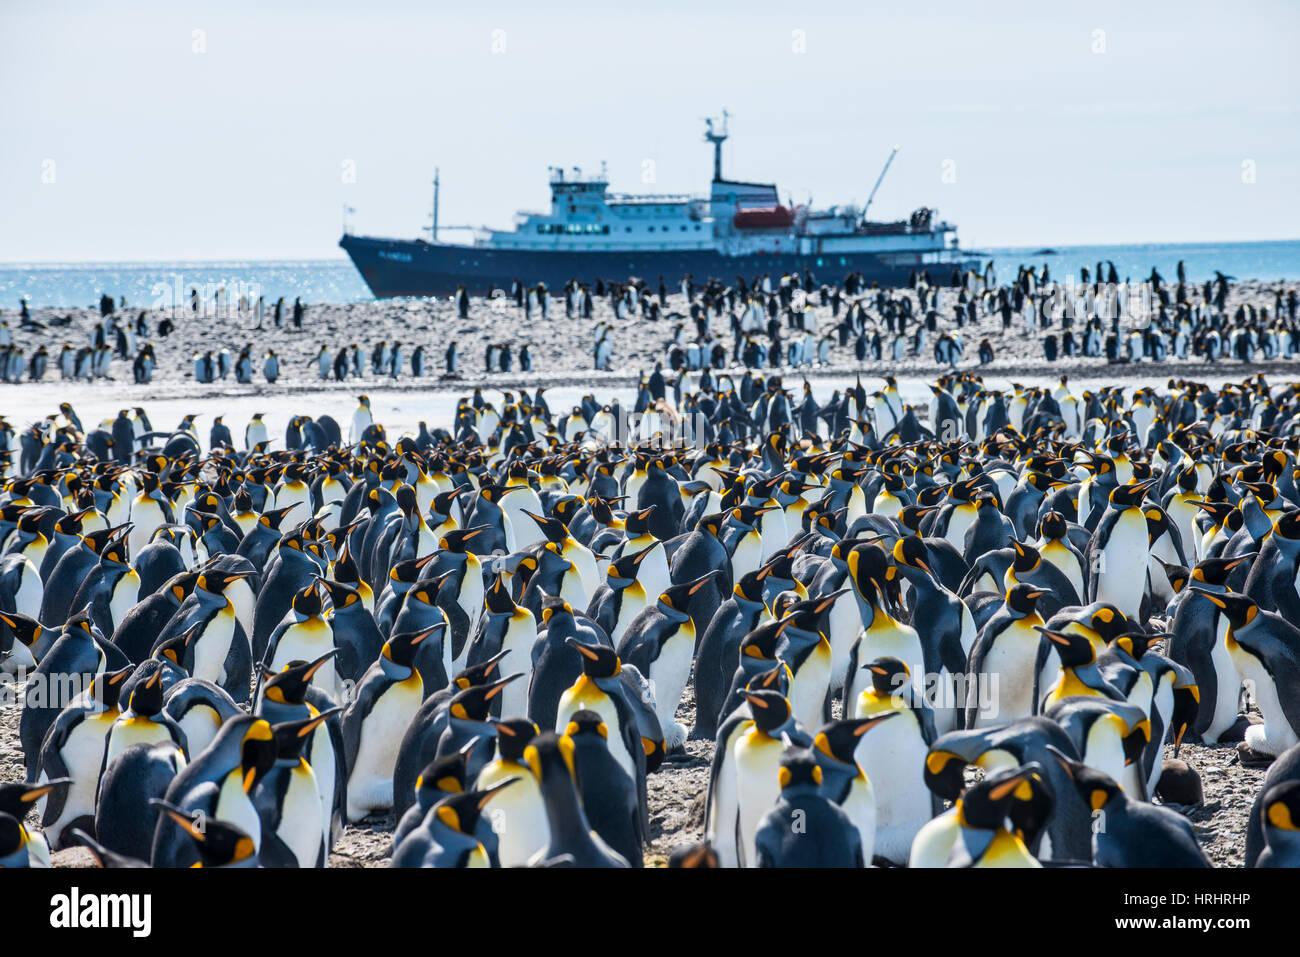 Le roi géant penguin (Aptenodytes patagonicus) colonie et un bateau de croisière, la plaine de Salisbury, la Géorgie du Sud, l'Antarctique, régions polaires Banque D'Images